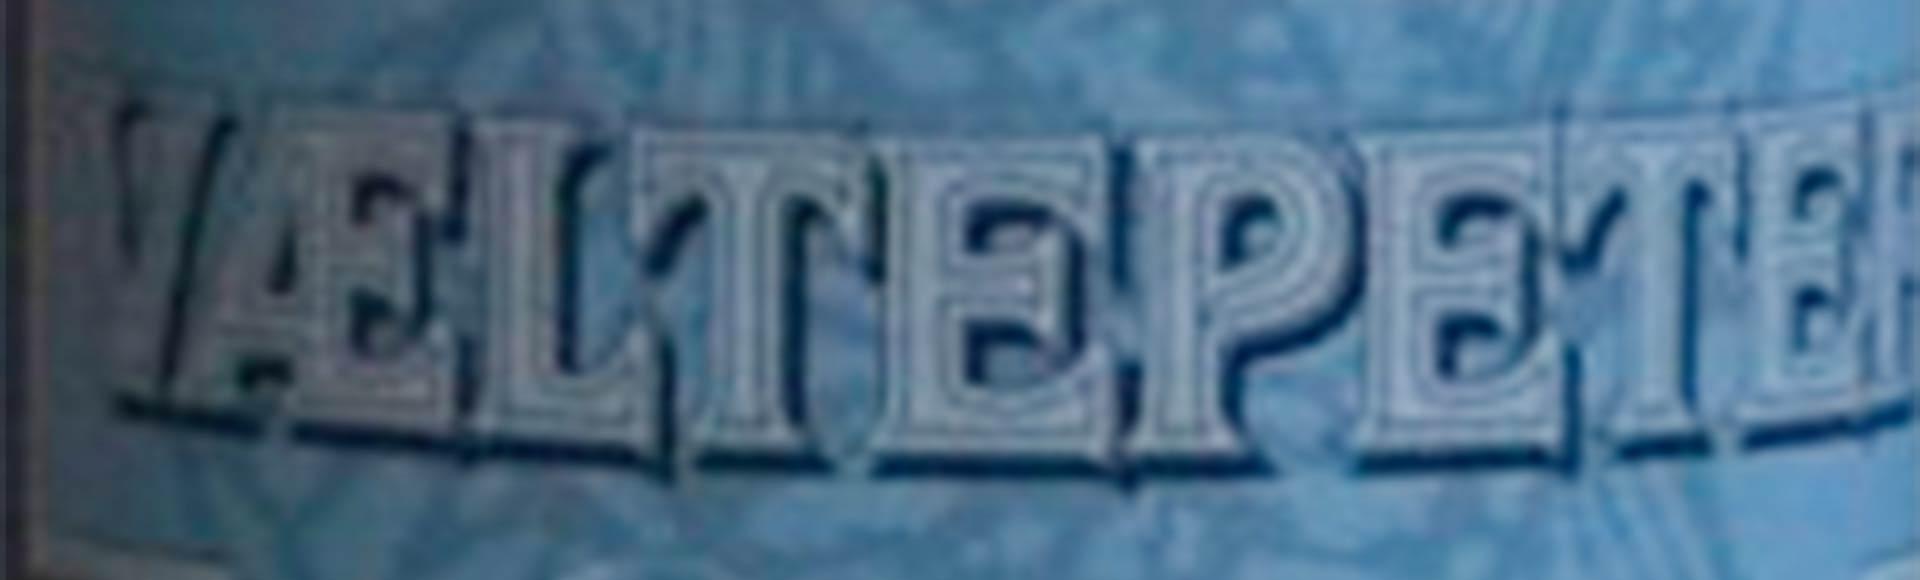 Væltepeter fra Skagen